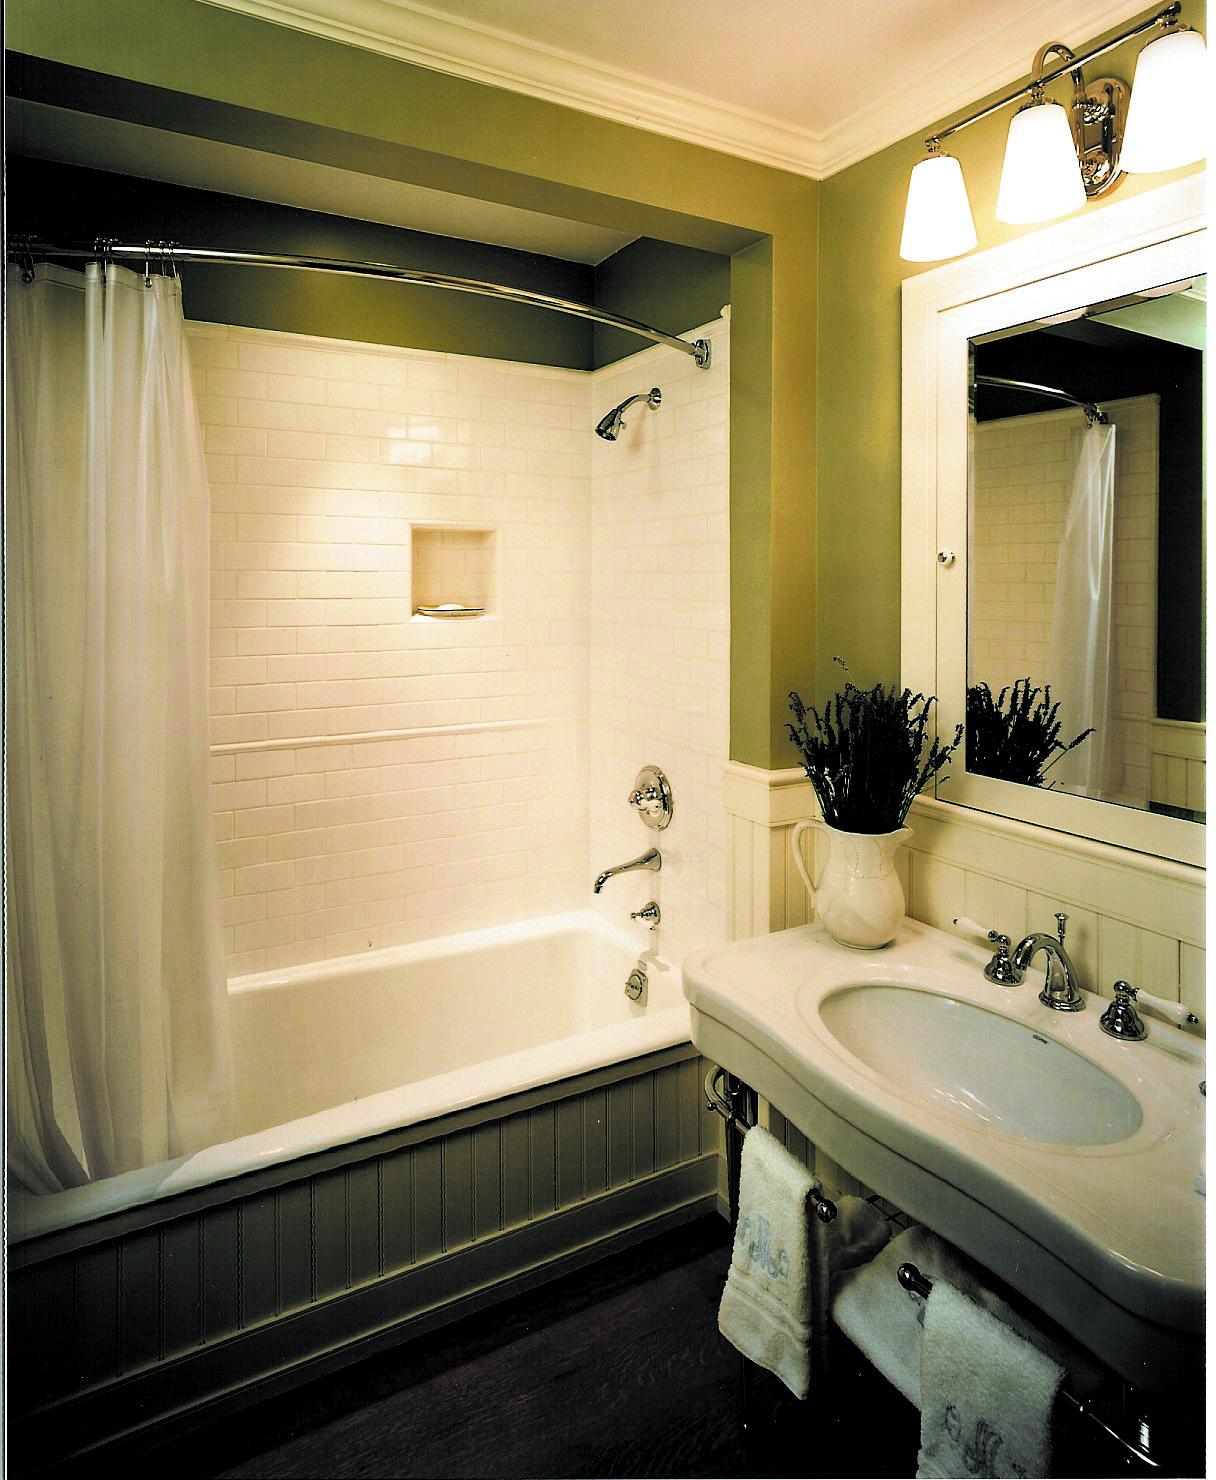 Funston Guest Bath.jpg